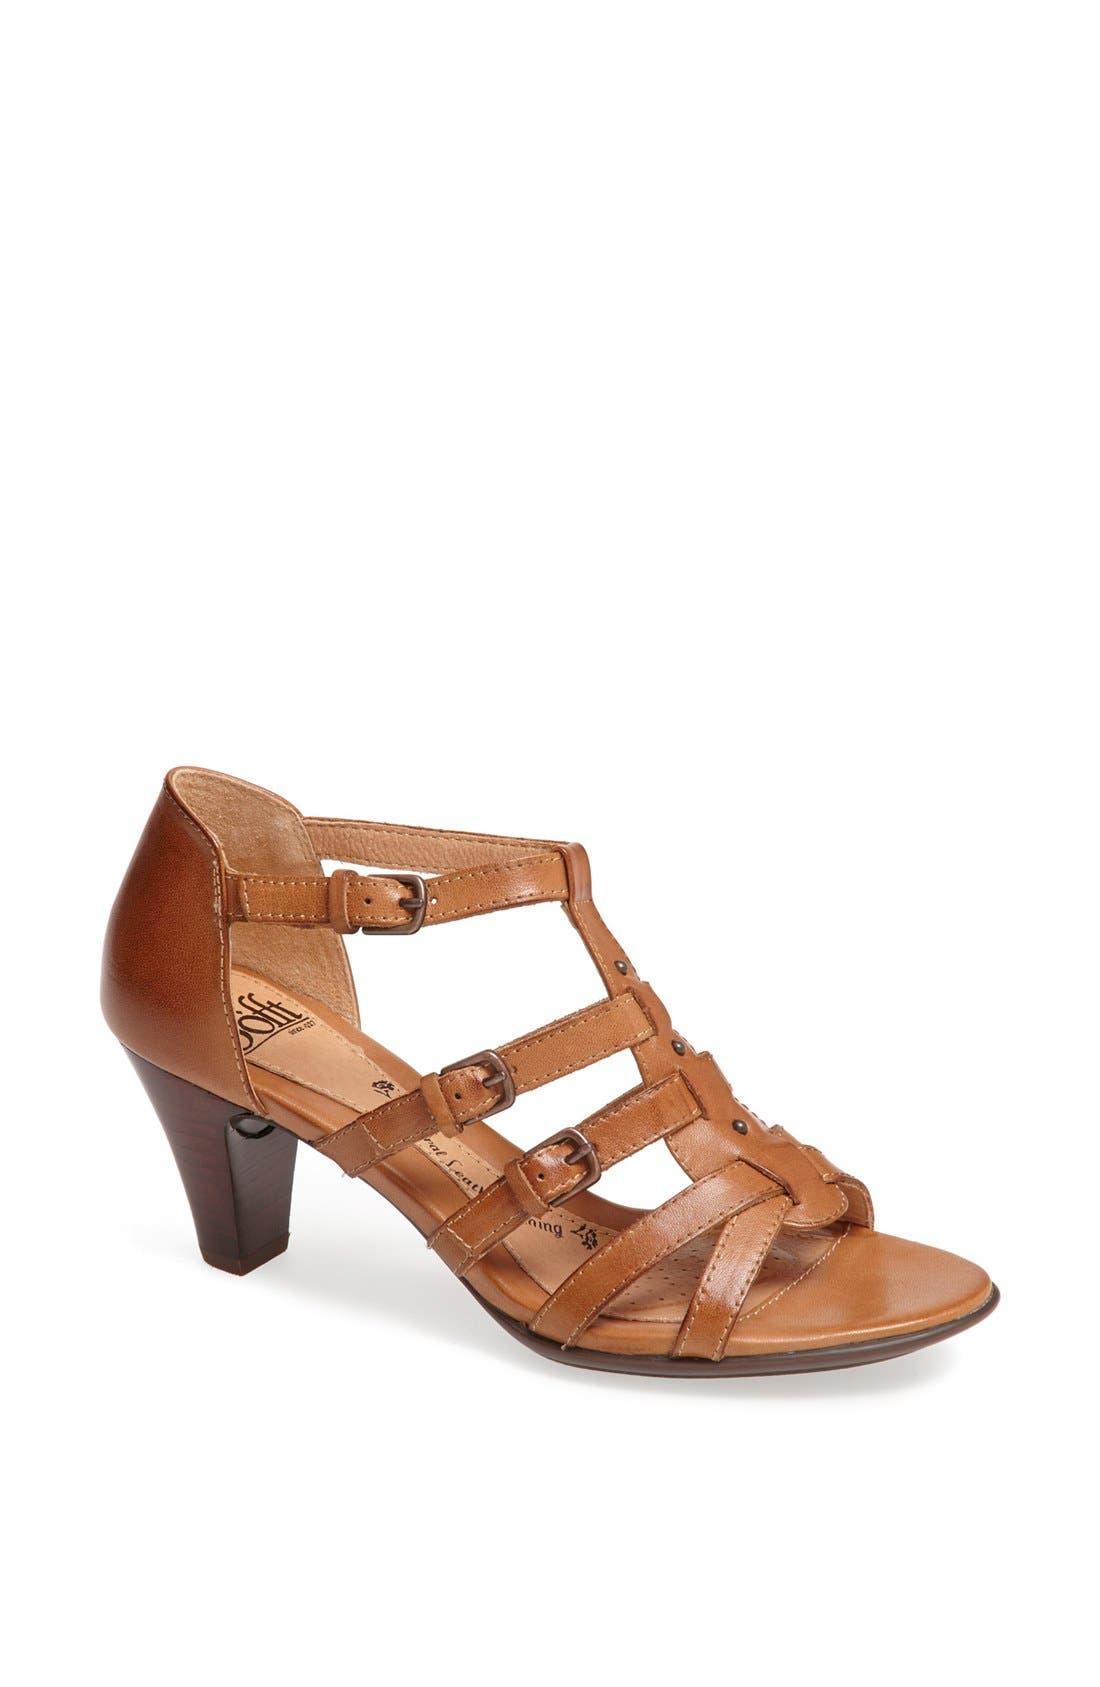 Alternate Image 1 Selected - Söfft 'Solana' Sandal